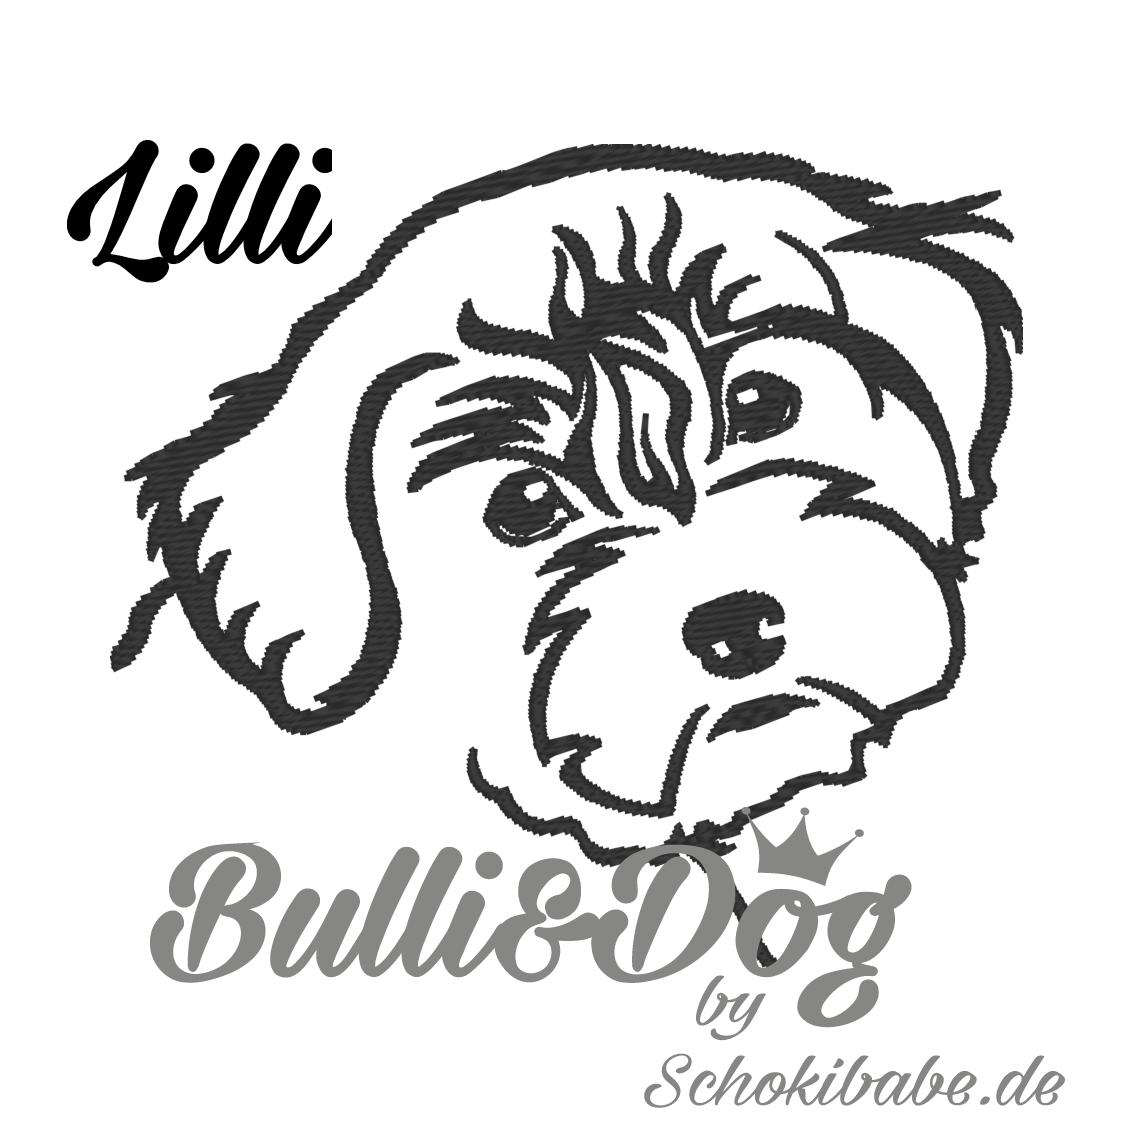 Lilli_7x7